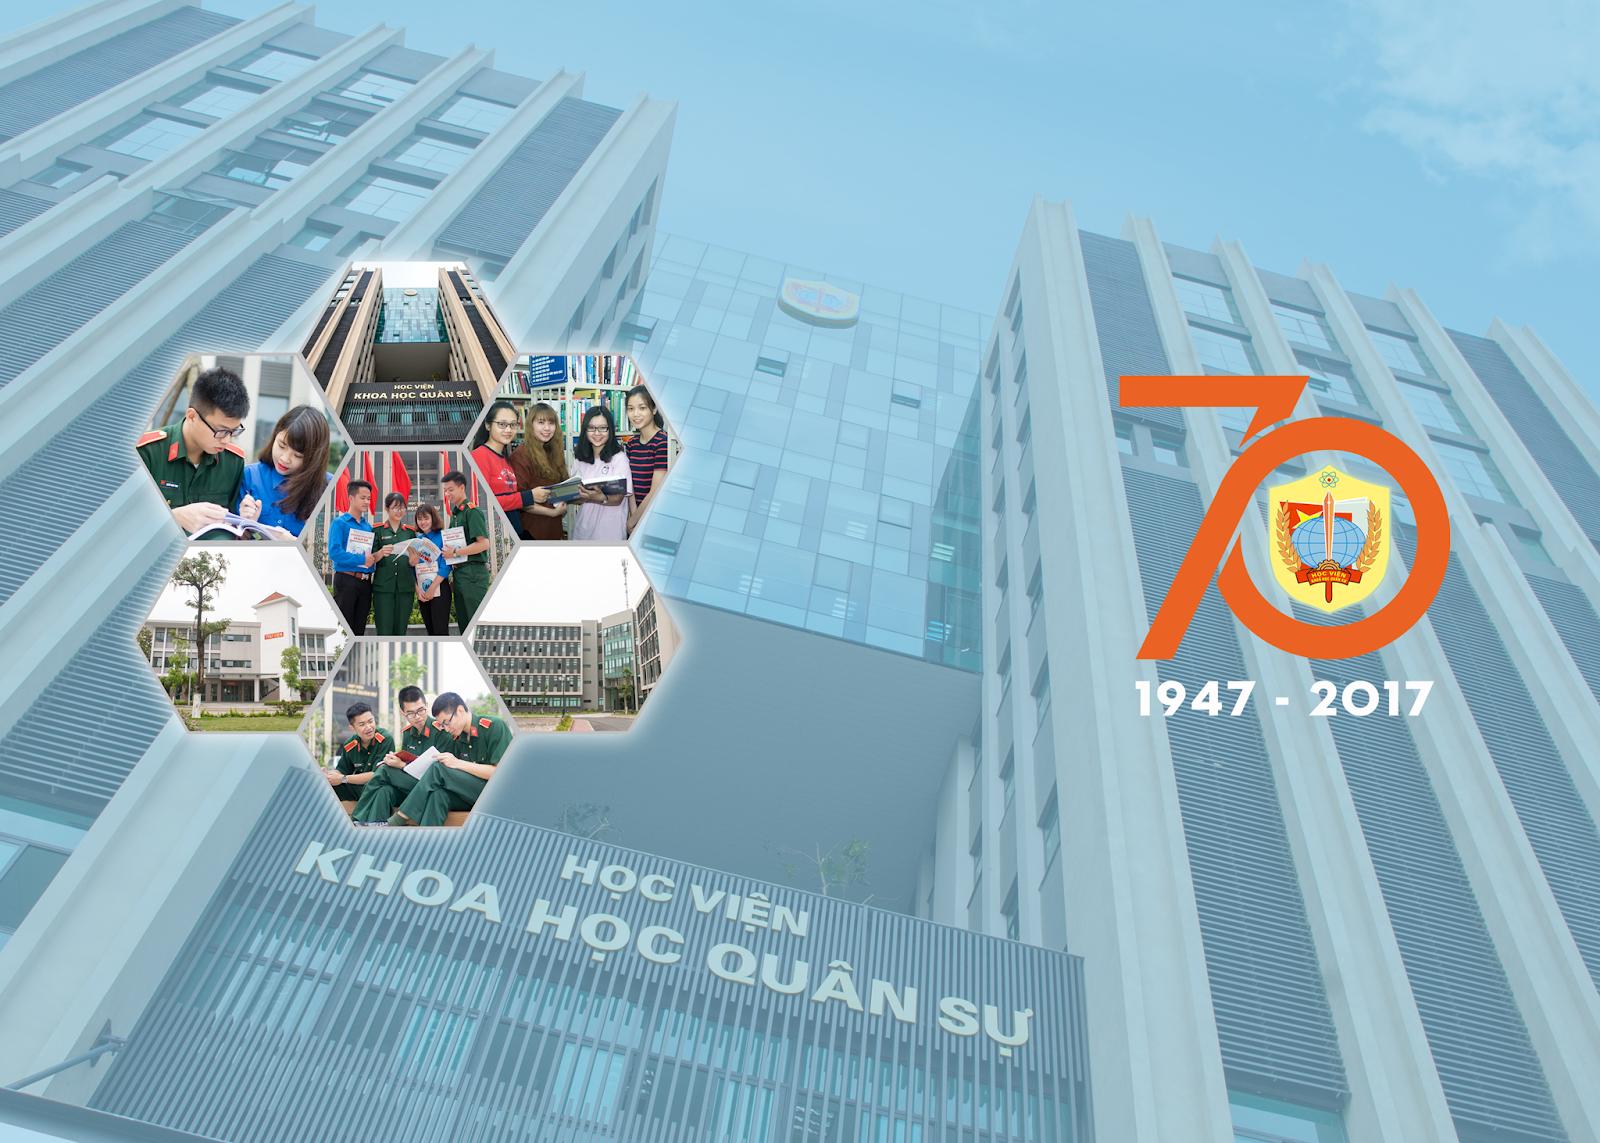 HV Khoa học Quân sự kỷ niệm 70 năm thành lập